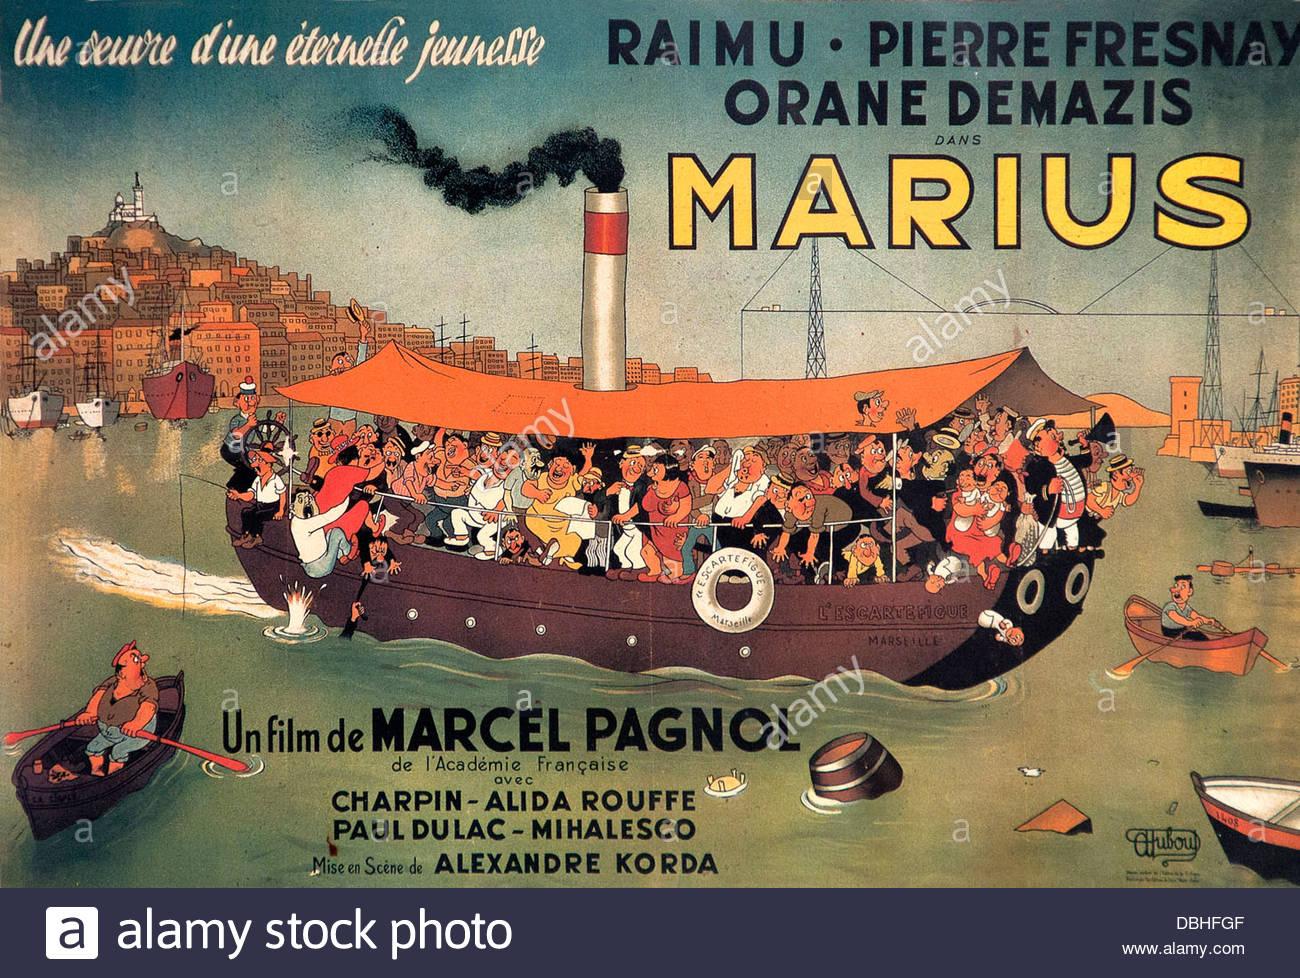 marius marcel pagnol